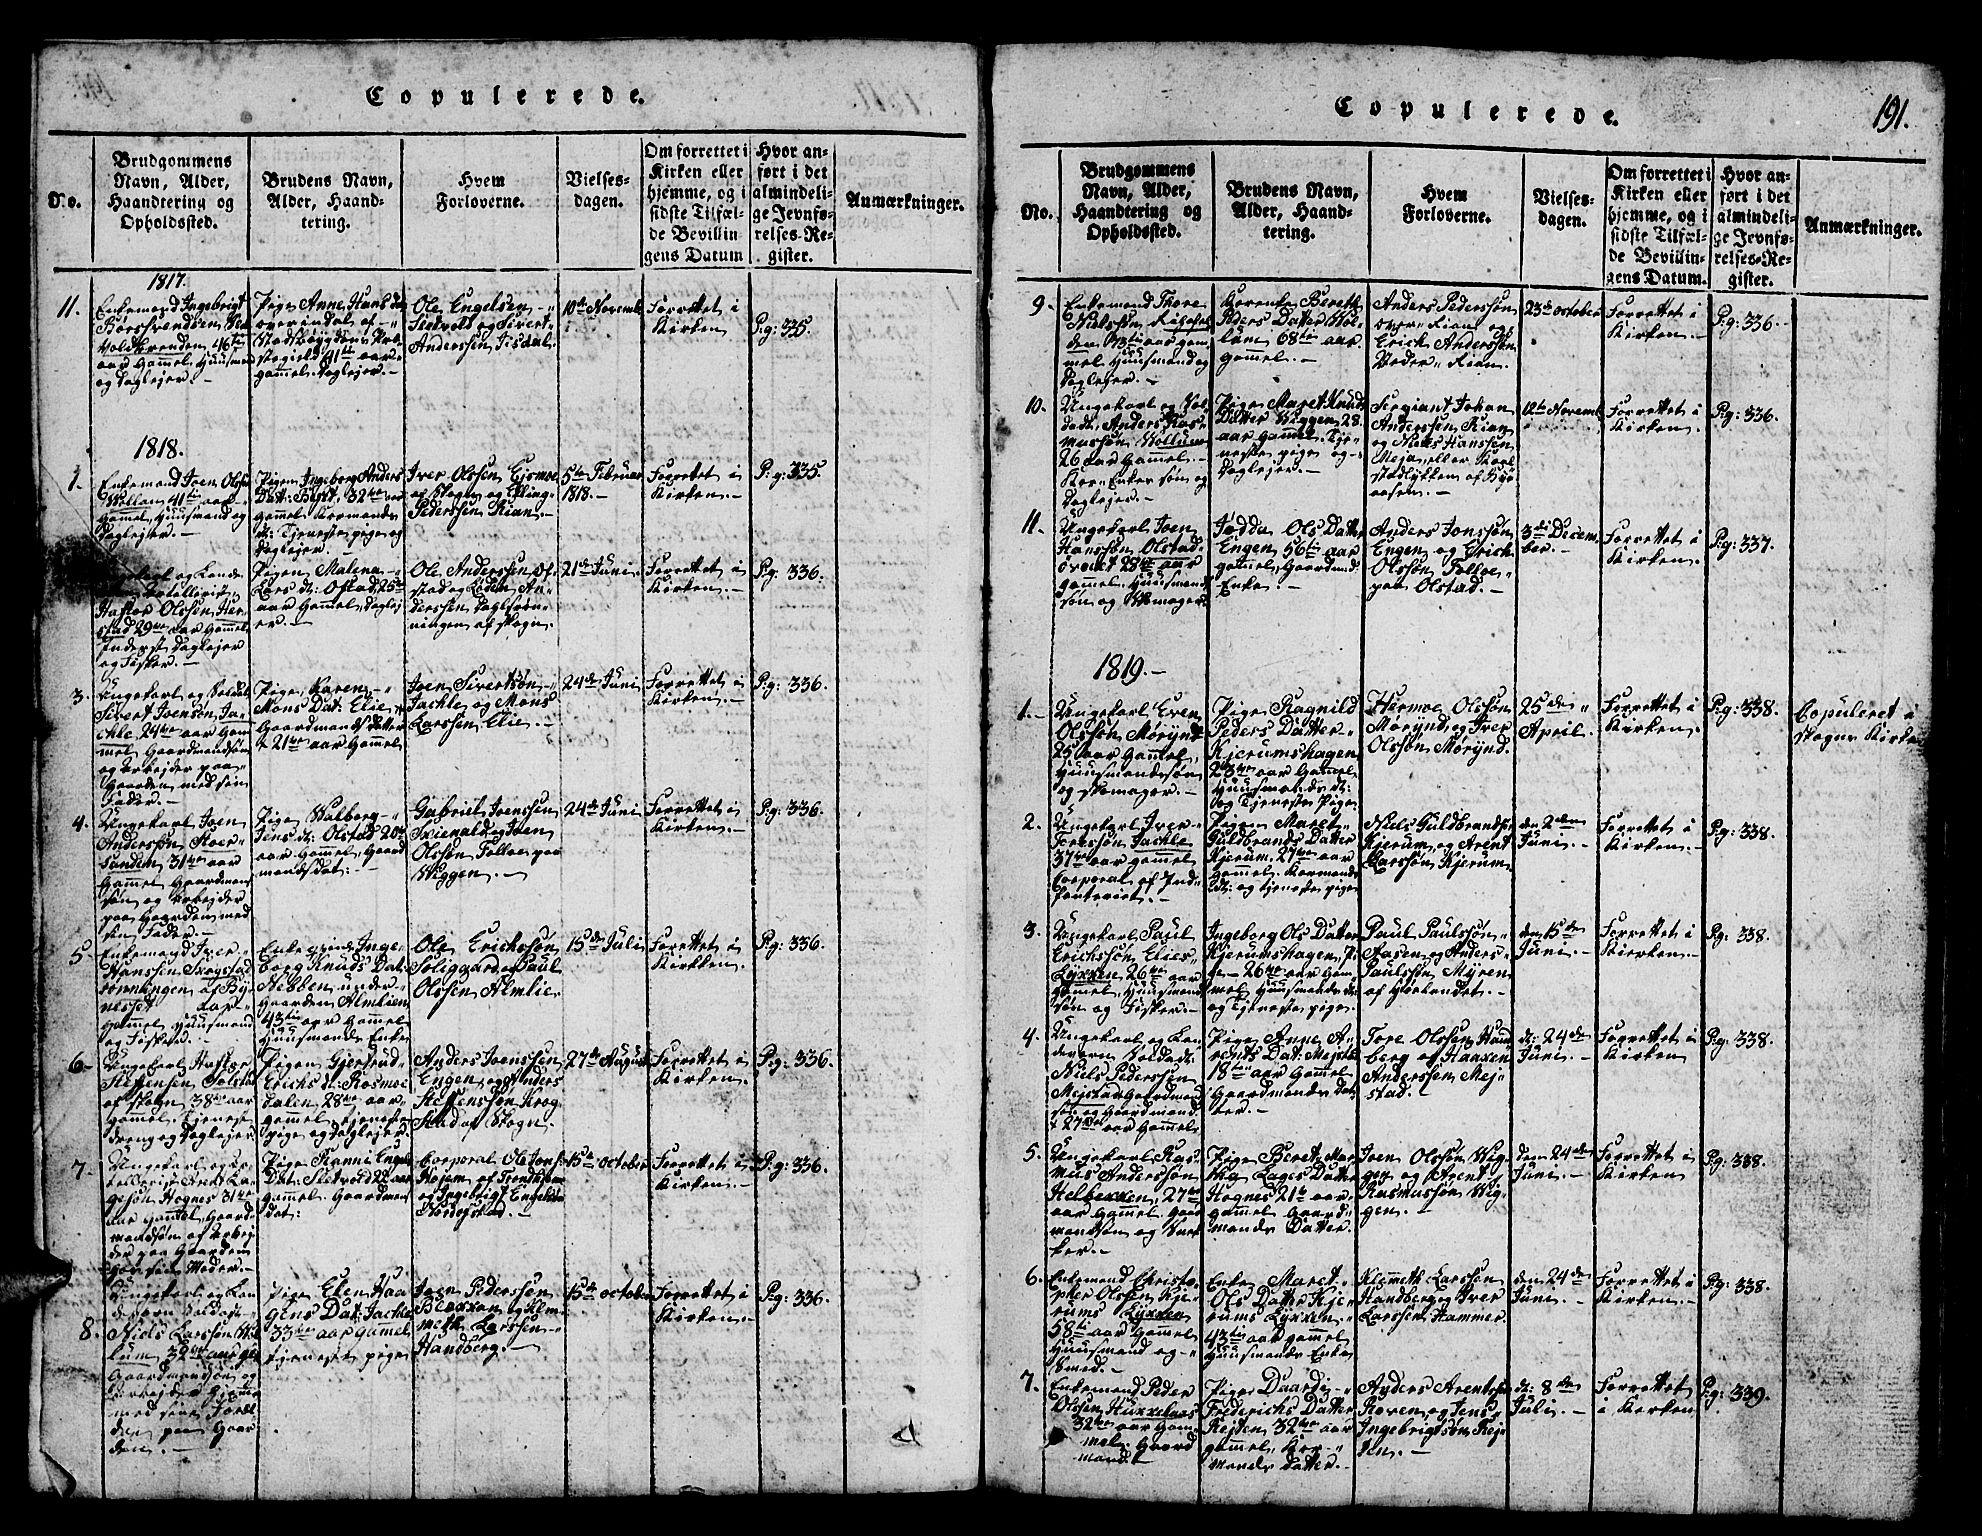 SAT, Ministerialprotokoller, klokkerbøker og fødselsregistre - Sør-Trøndelag, 665/L0776: Klokkerbok nr. 665C01, 1817-1837, s. 191